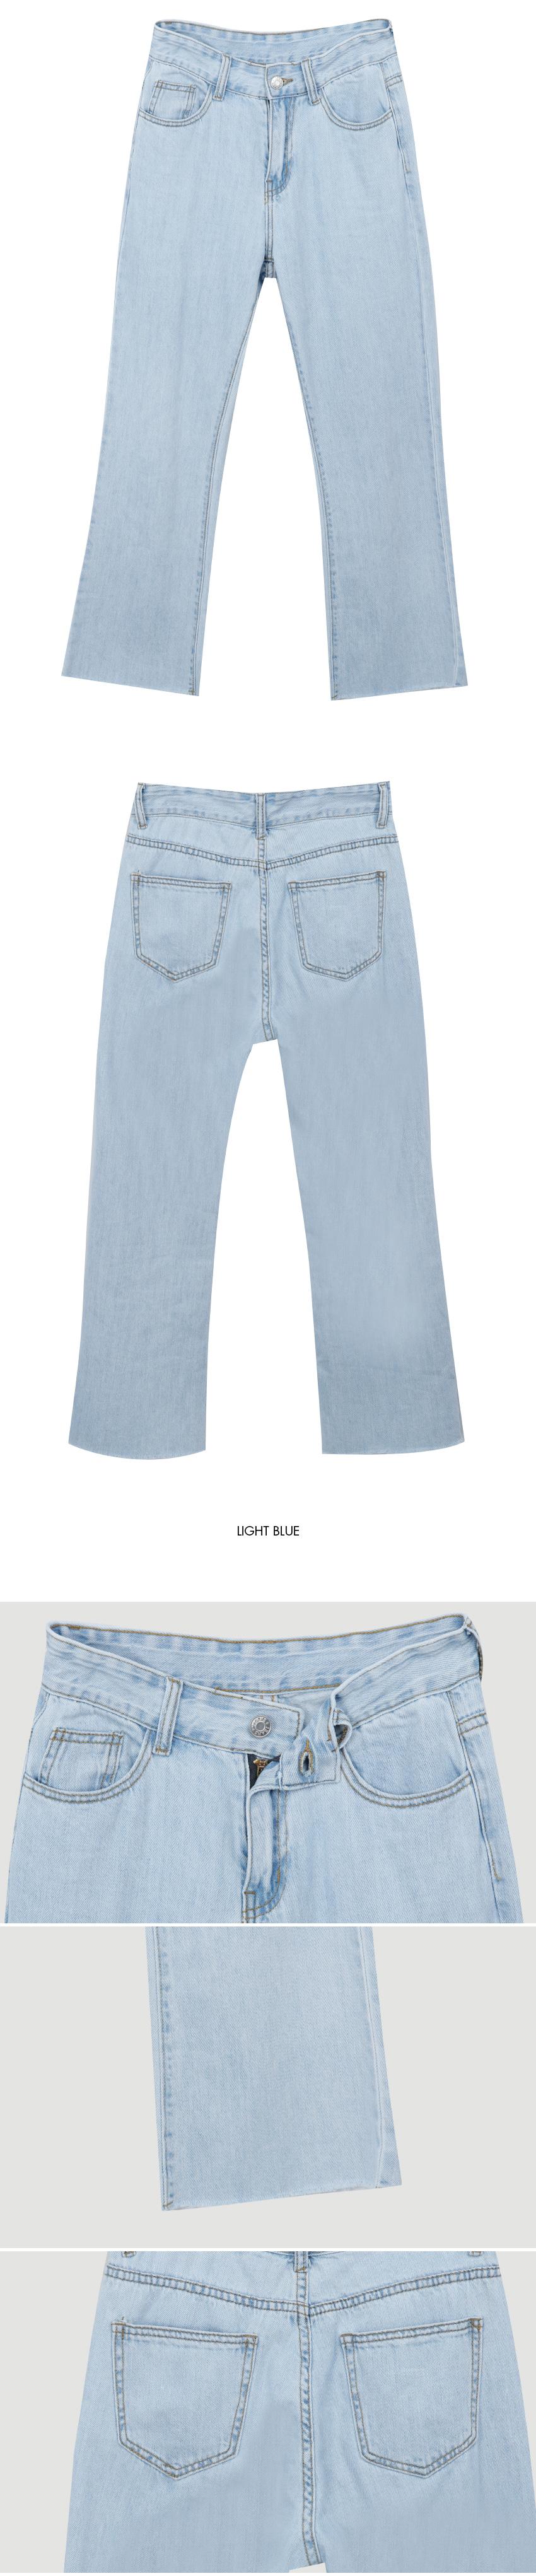 6776 Date Boots Cut Pants